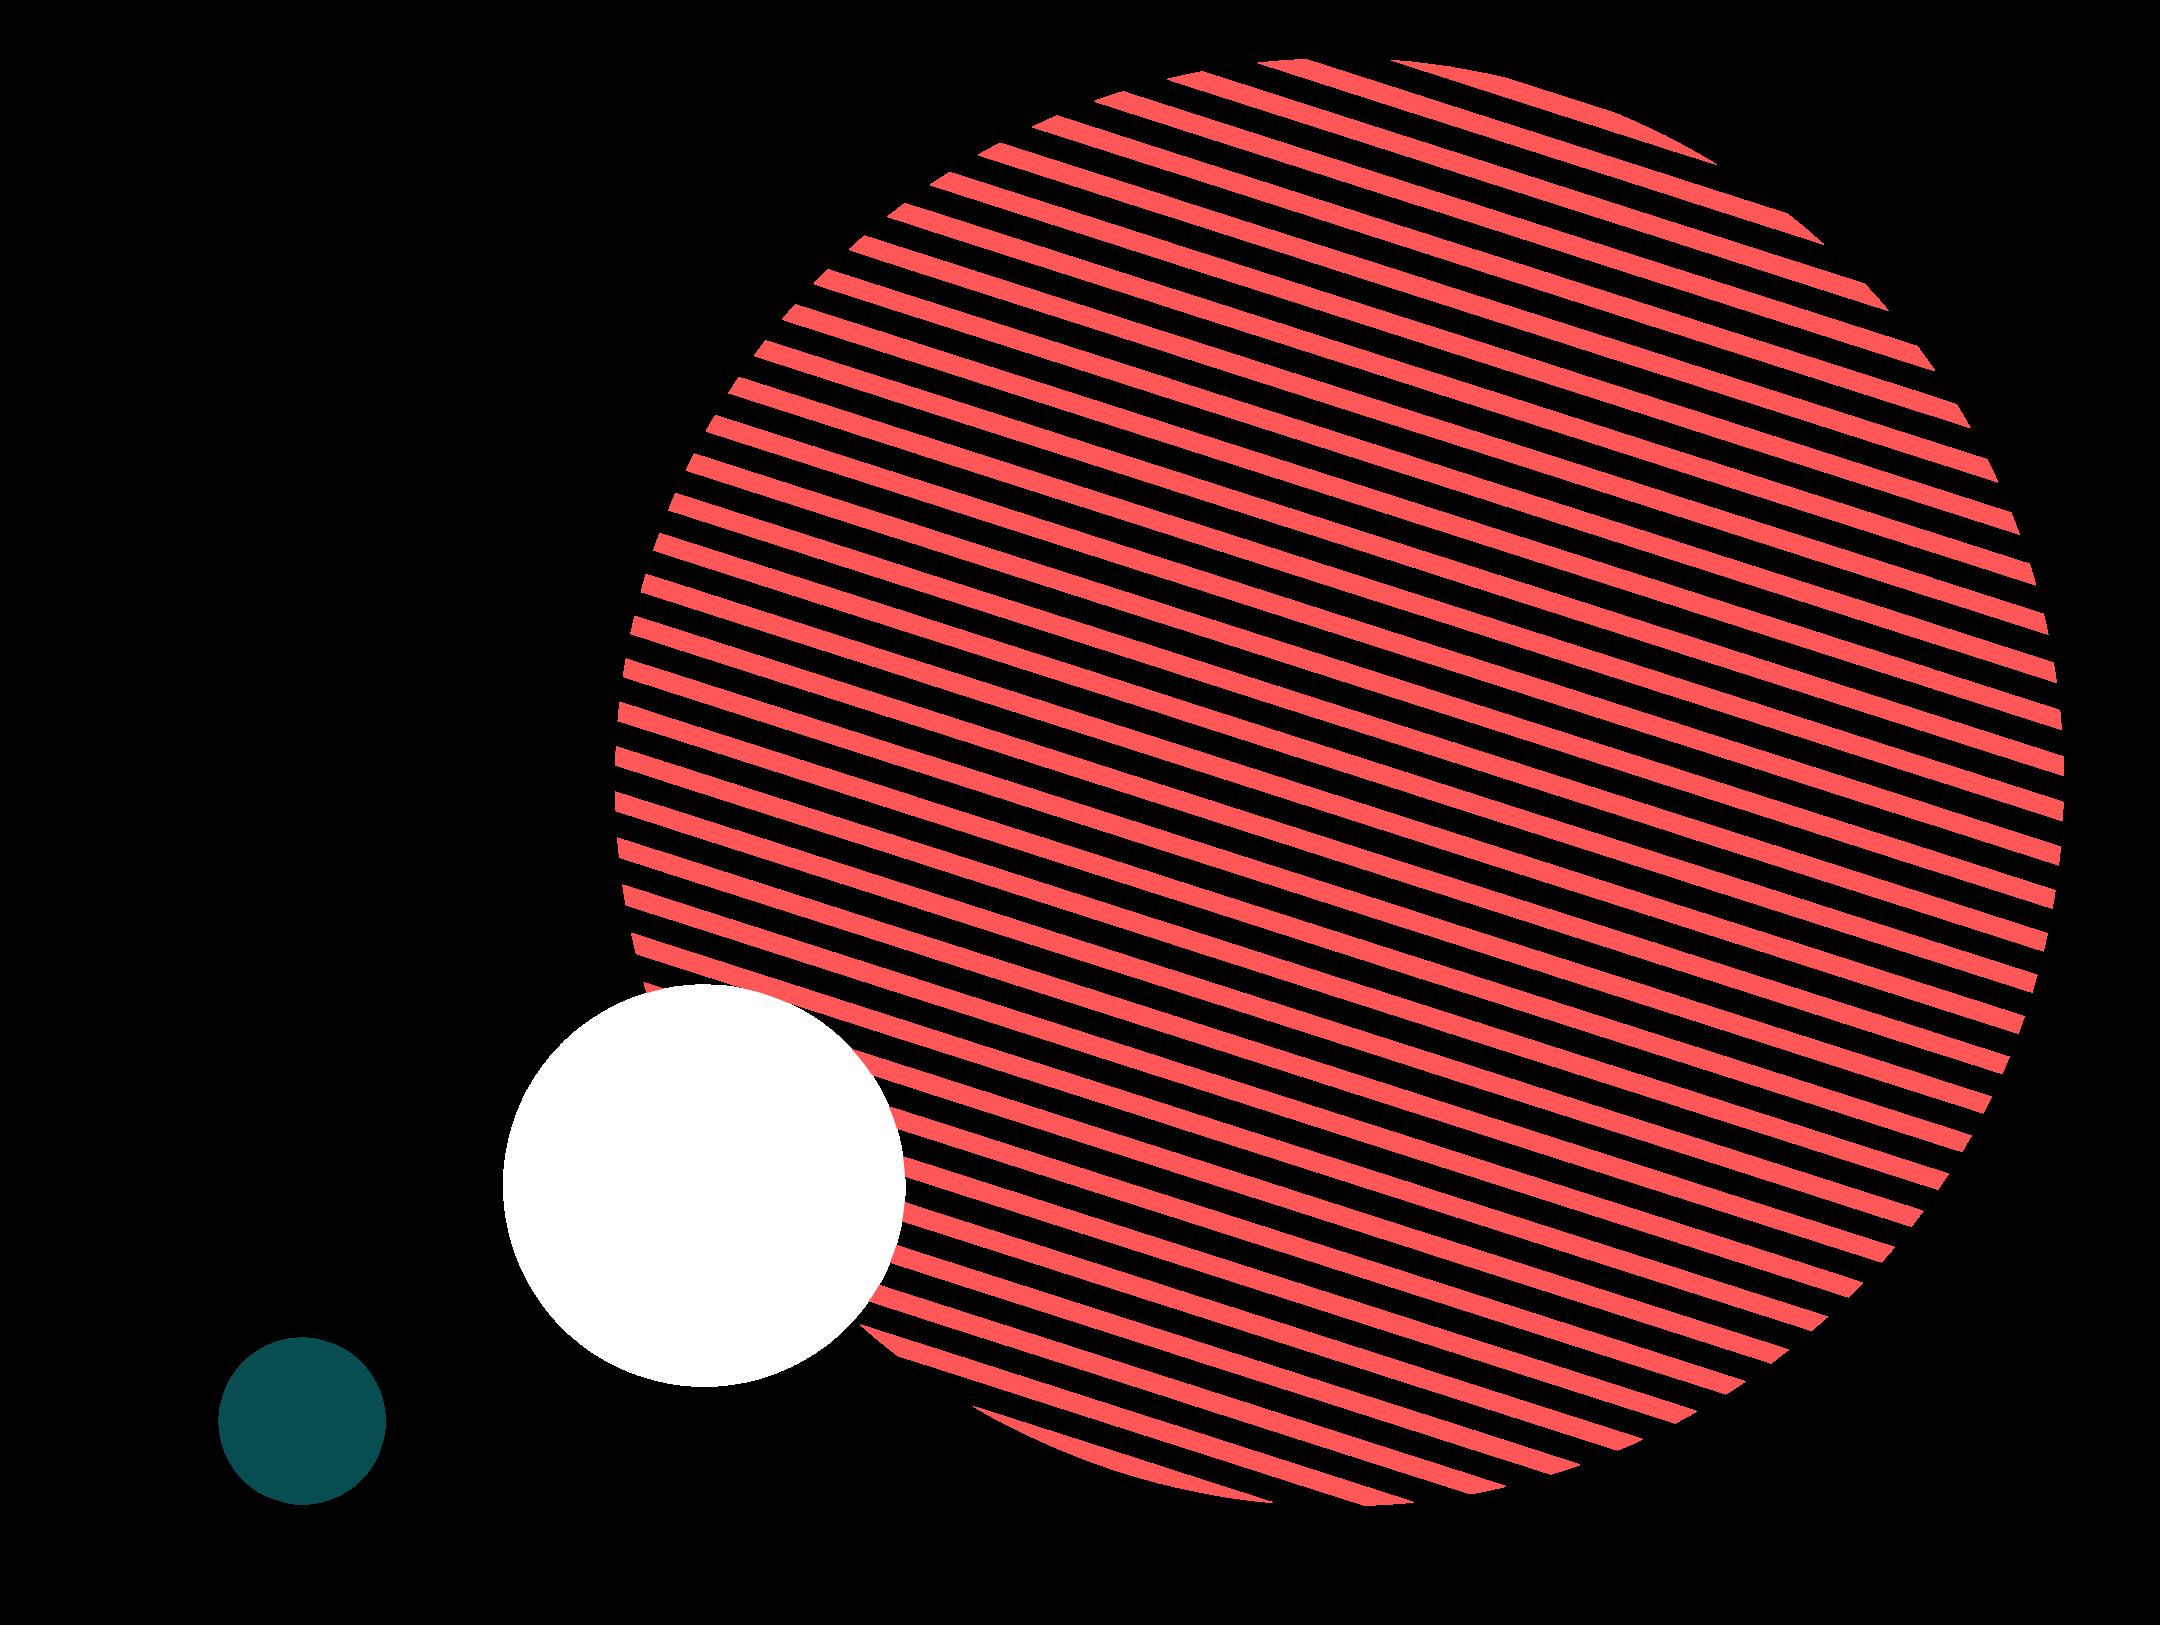 visuel géométrique